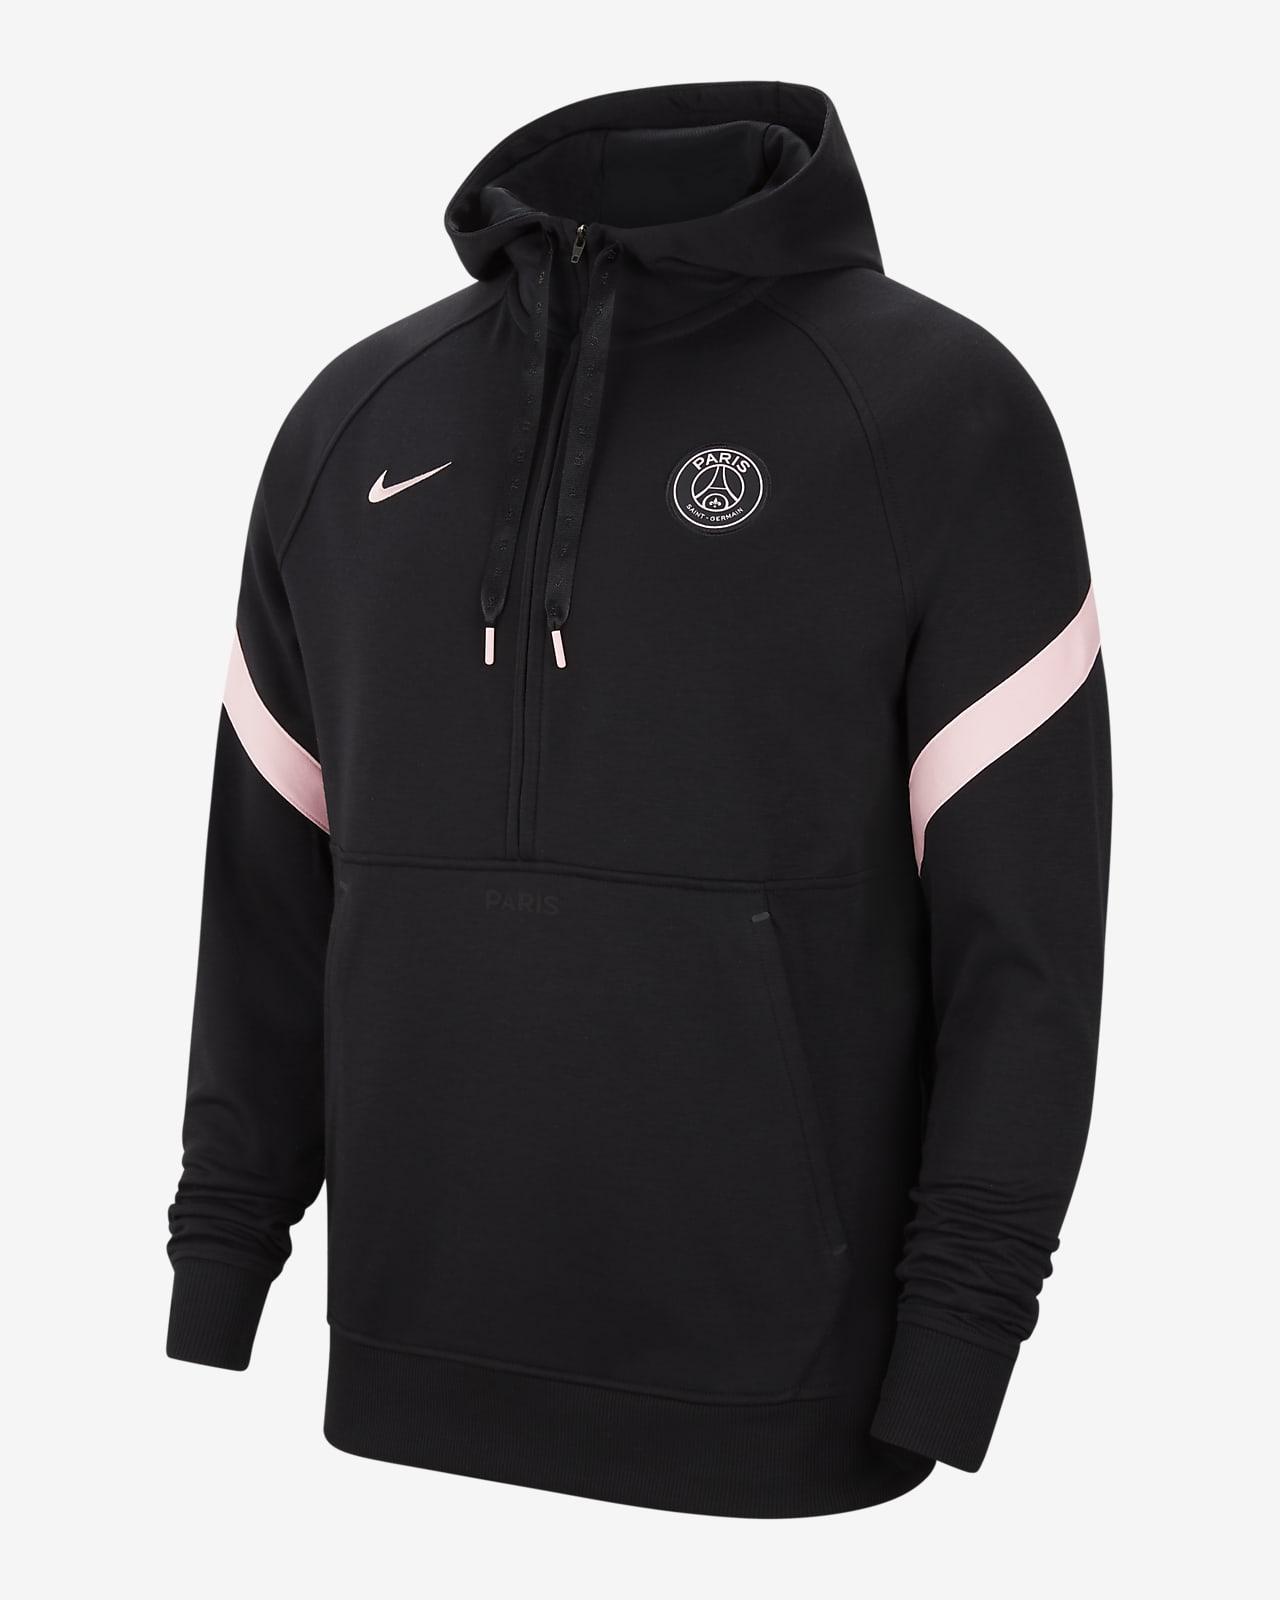 Sudadera con gorro de fútbol de tejido Fleece Nike Dri-FIT para hombre Paris Saint-Germain